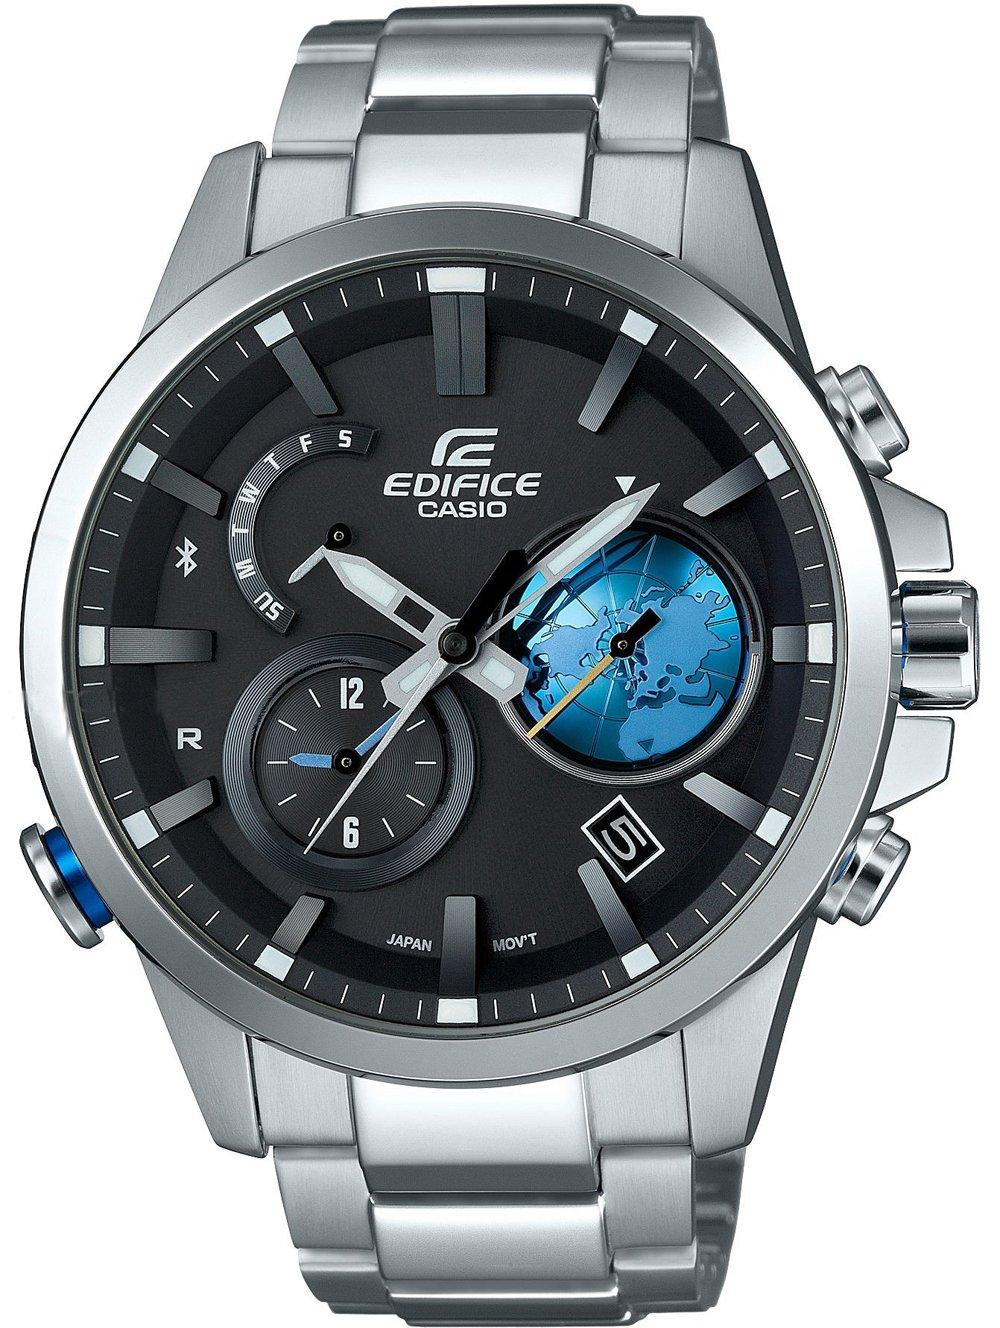 Japoński, męski zegarek Casio Edifice EQB-600D-1A2ER Premium na srebrnej, stalowej bransolecie z okrągłą, stalową, srebrną kopertą. Analogowa tarcza zegarka jest w czarnym kolorze. Na tarczy znajdują sie również subtarcze podkreślone niebieskimi zdobieniami.